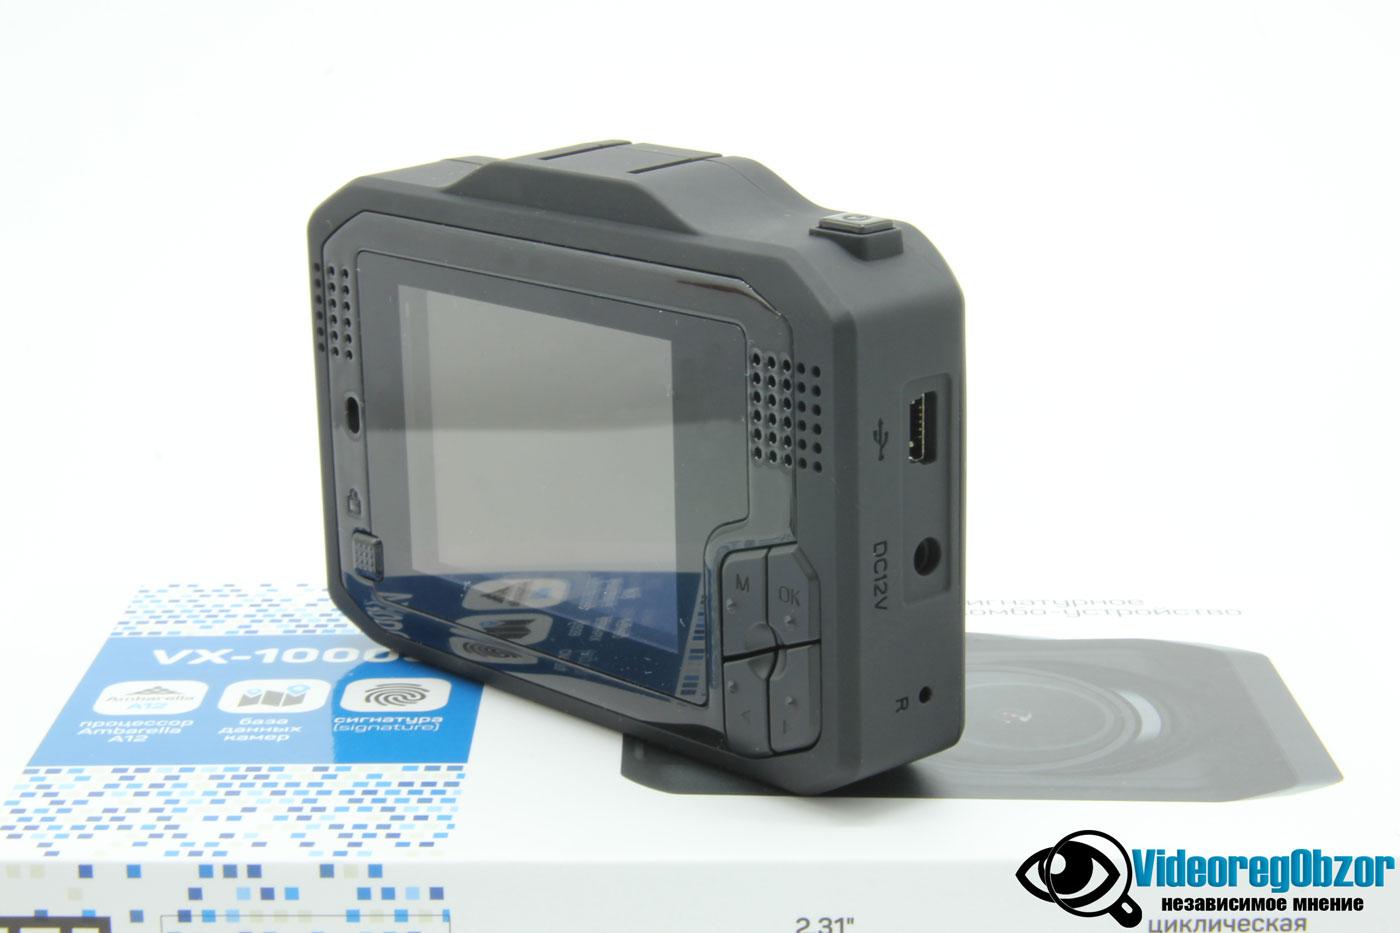 INTEGO VX 1000S 12